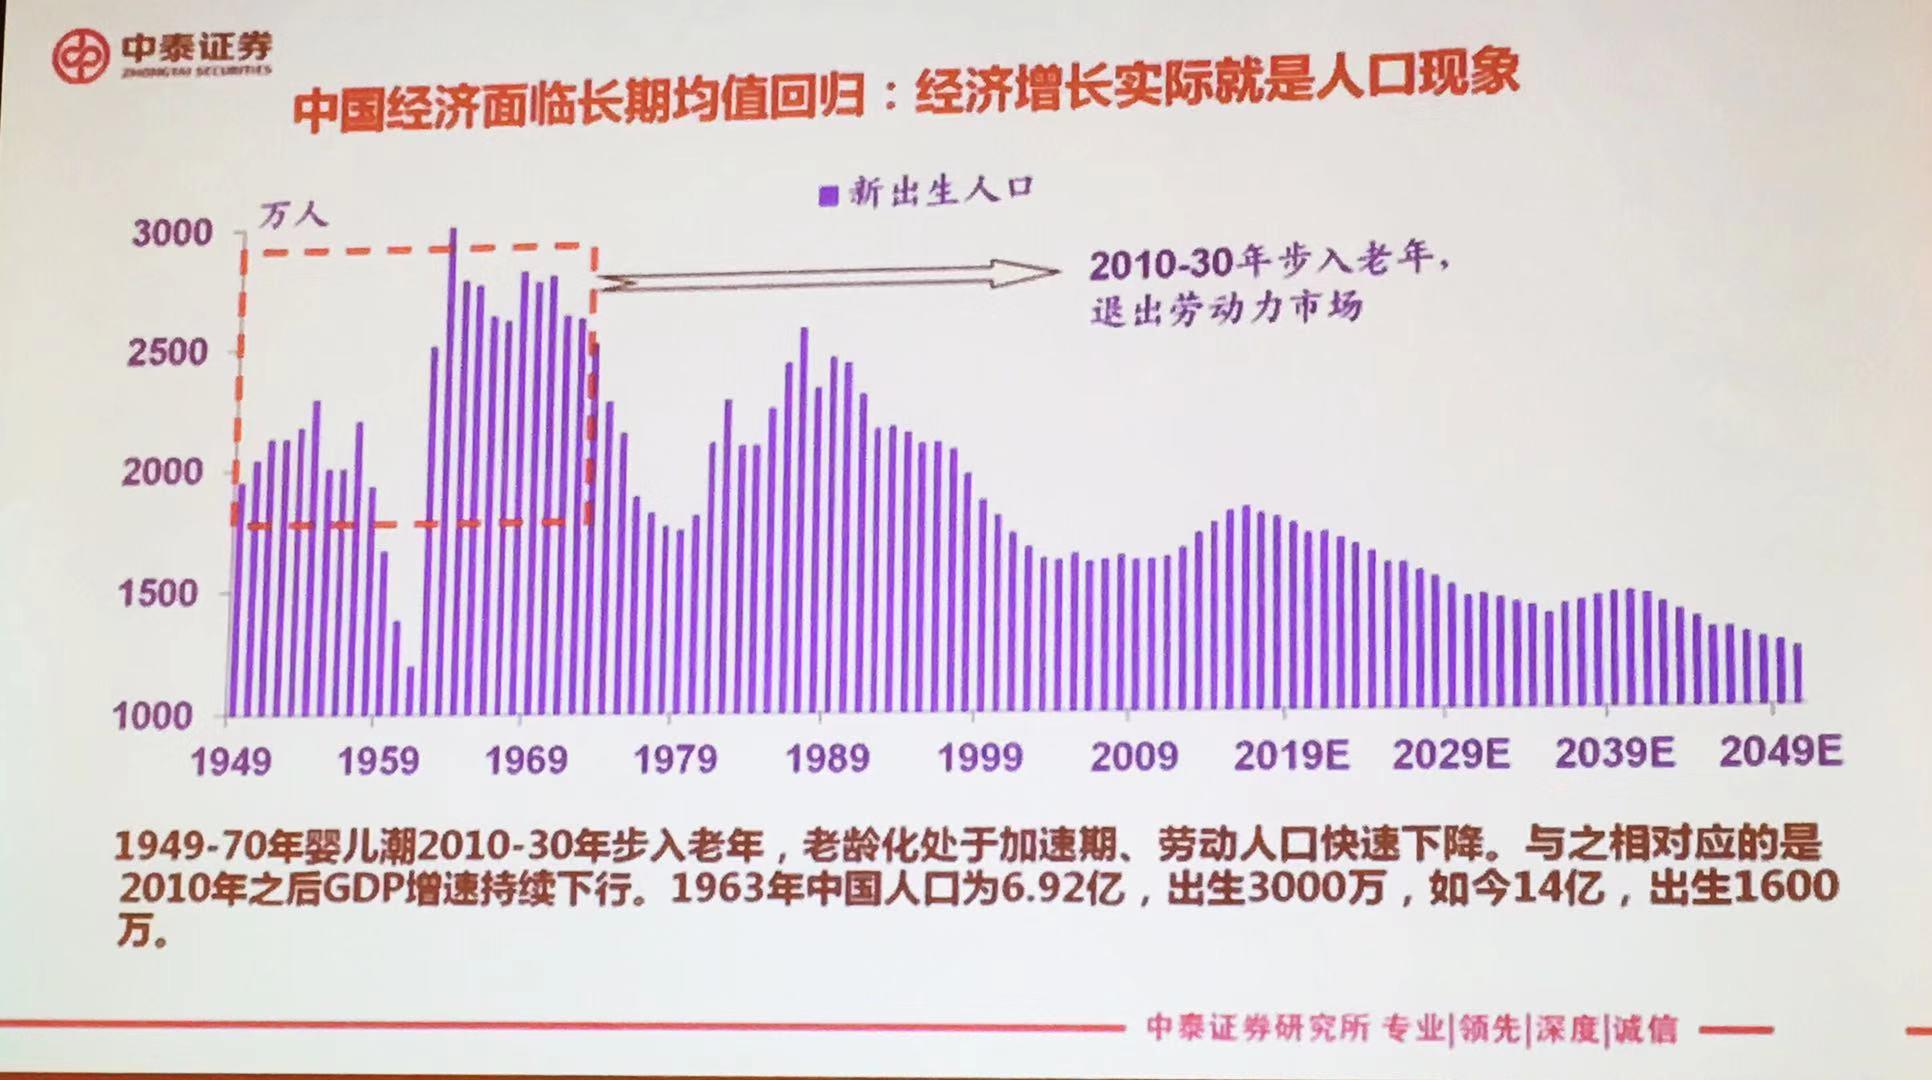 据方正证券商贸零售首席分析师倪华研究,人口与经济增长的关系在不同时期有不同逻辑。一个典型时期是二战之后,部分发展中国家鼓励少生优生,这与当时盛行的经济增长理论有关。